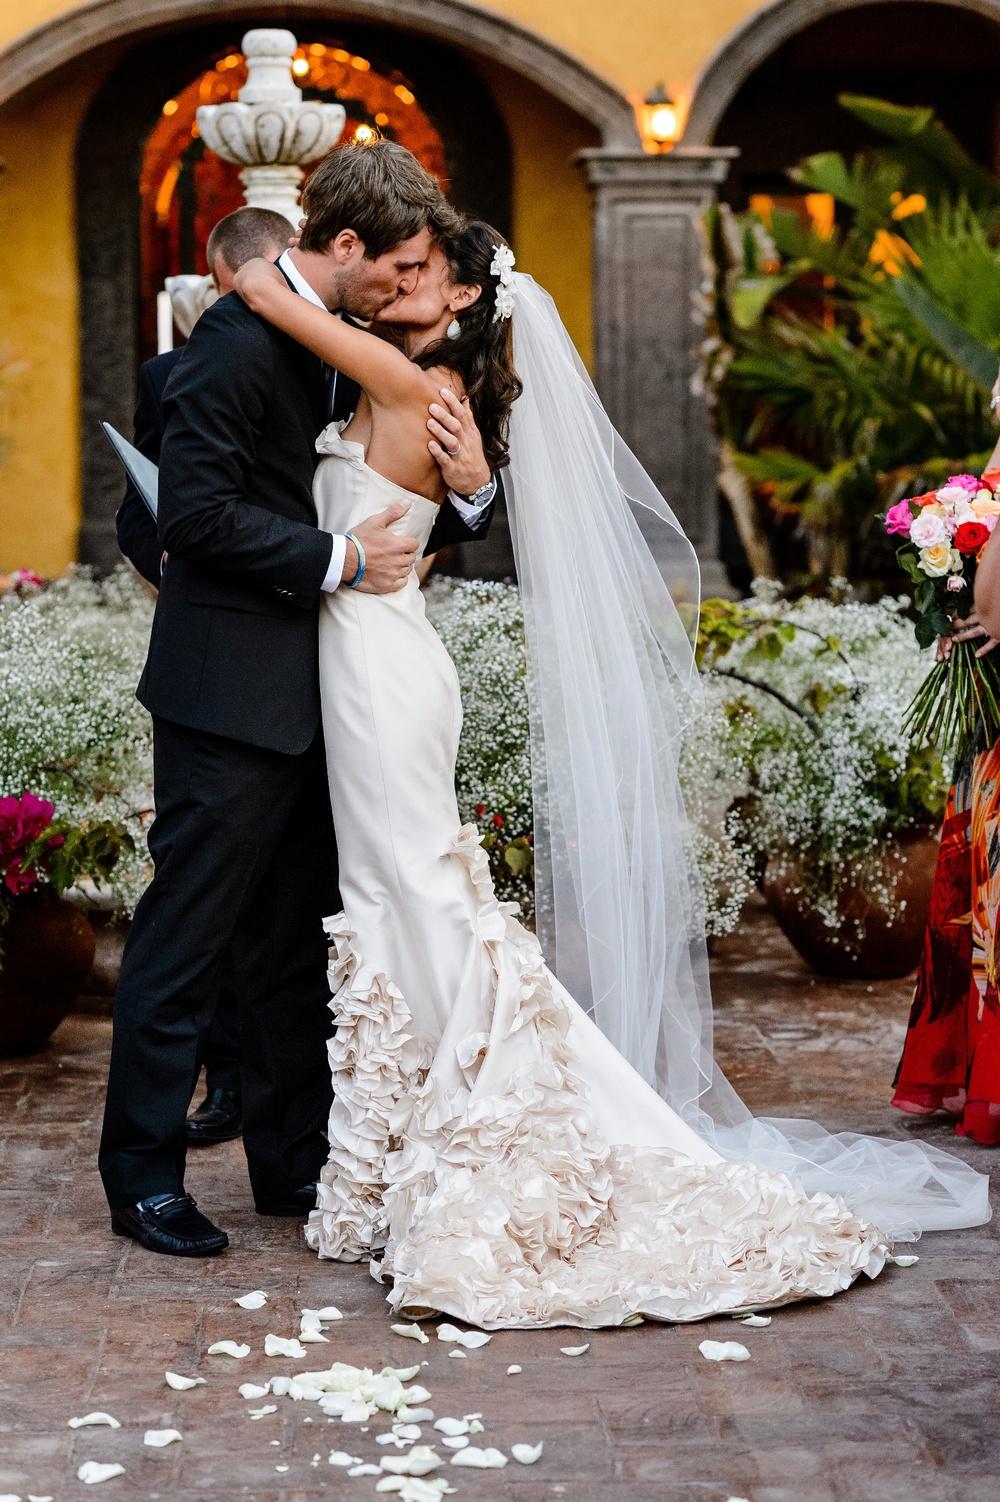 Apollina and Brad's wedding photos from Hacienda Cerritos in Todos Santos, Mexico.